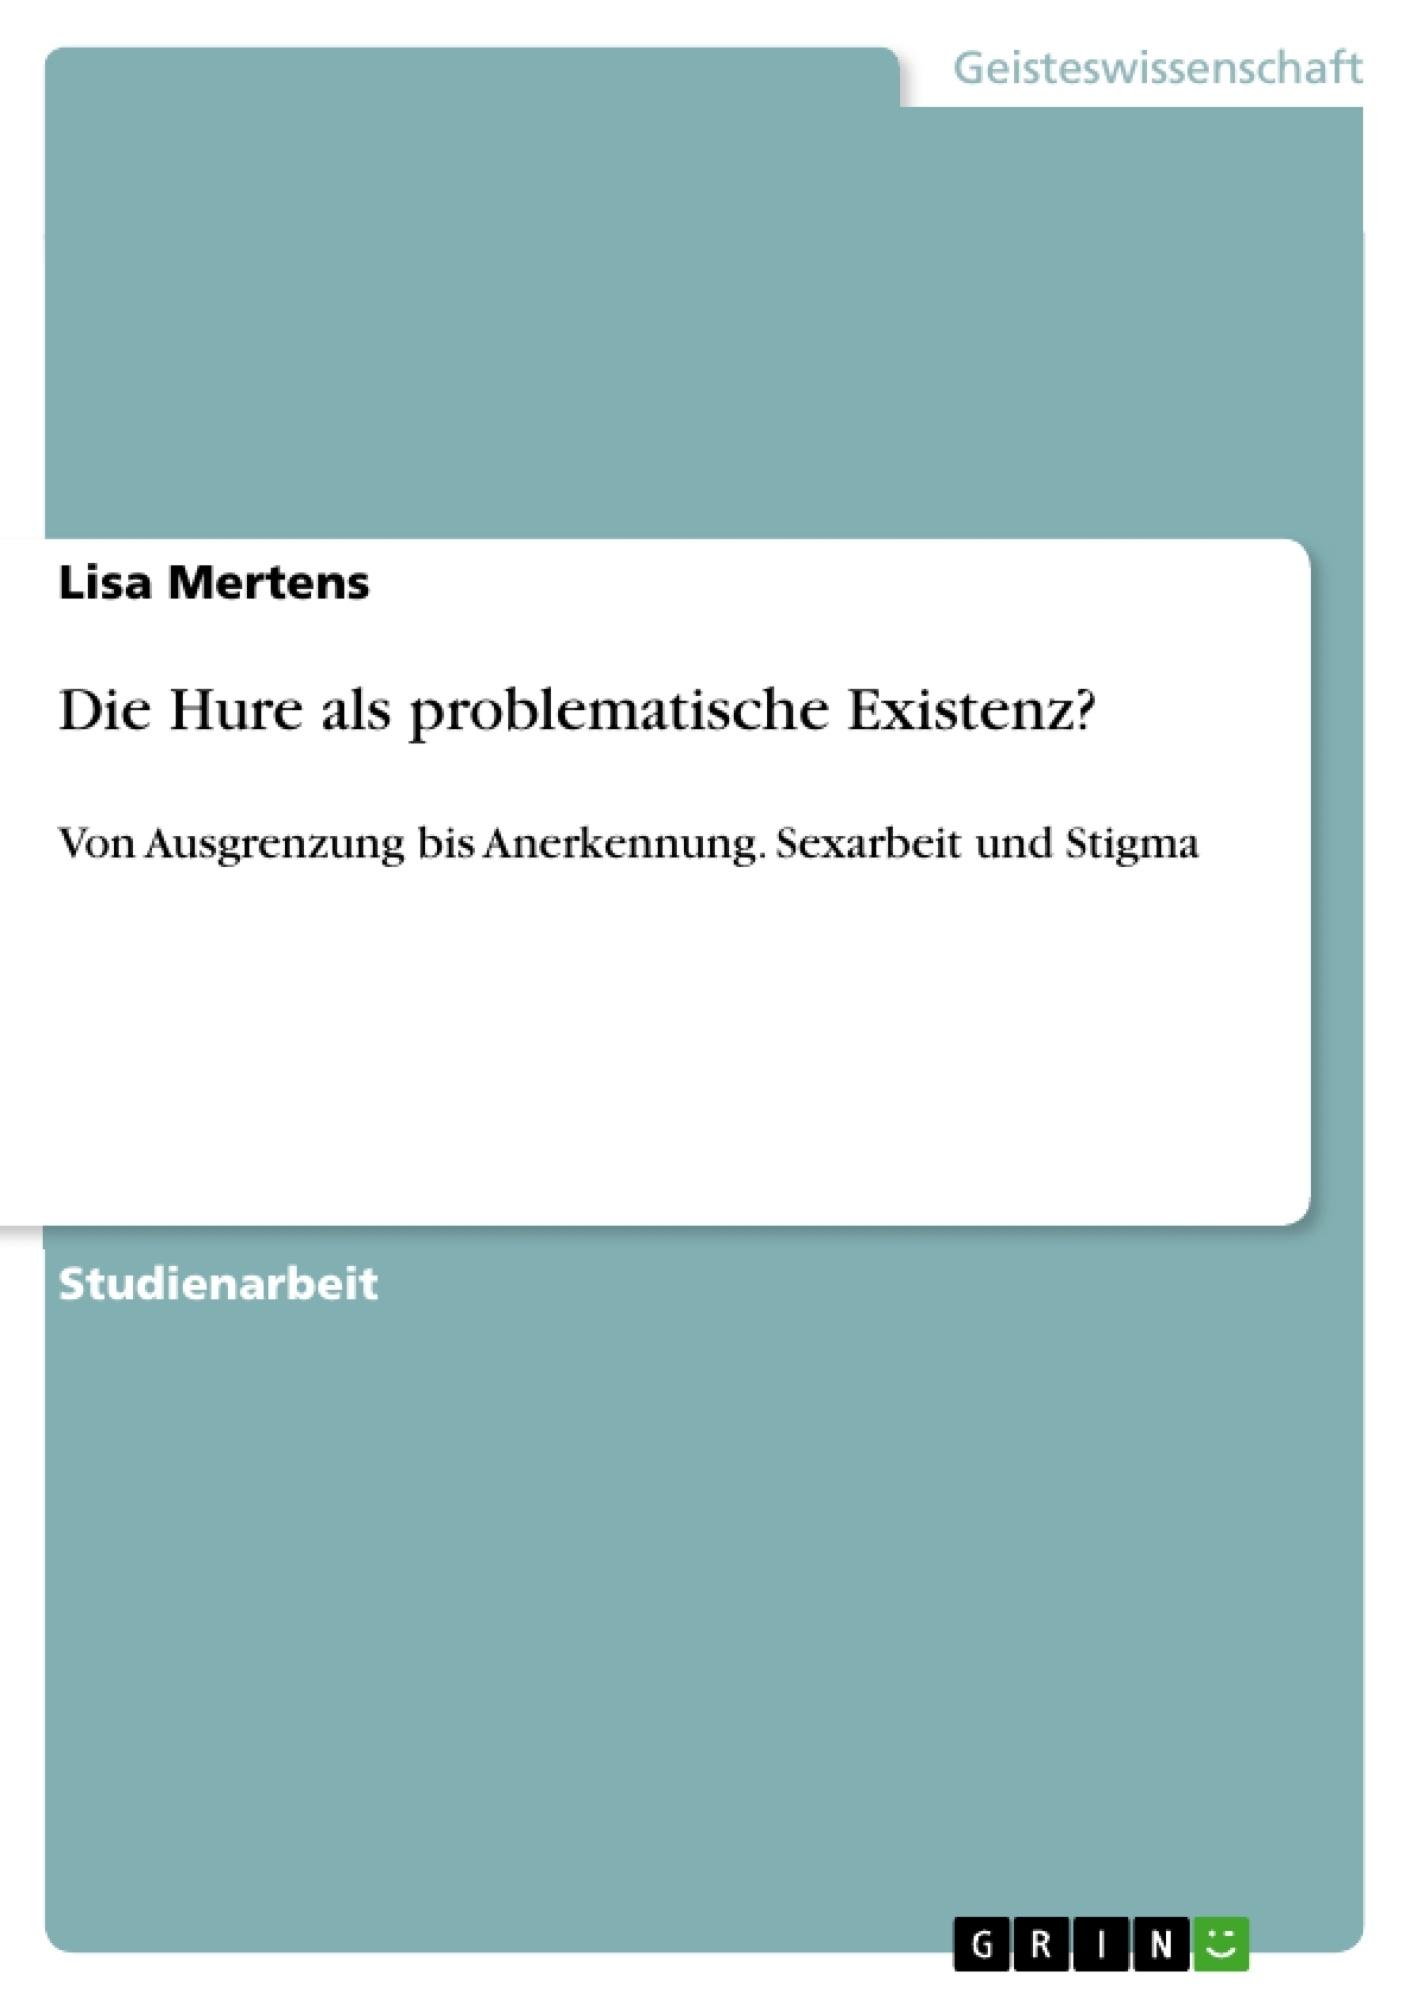 Titel: Die Hure als problematische Existenz?